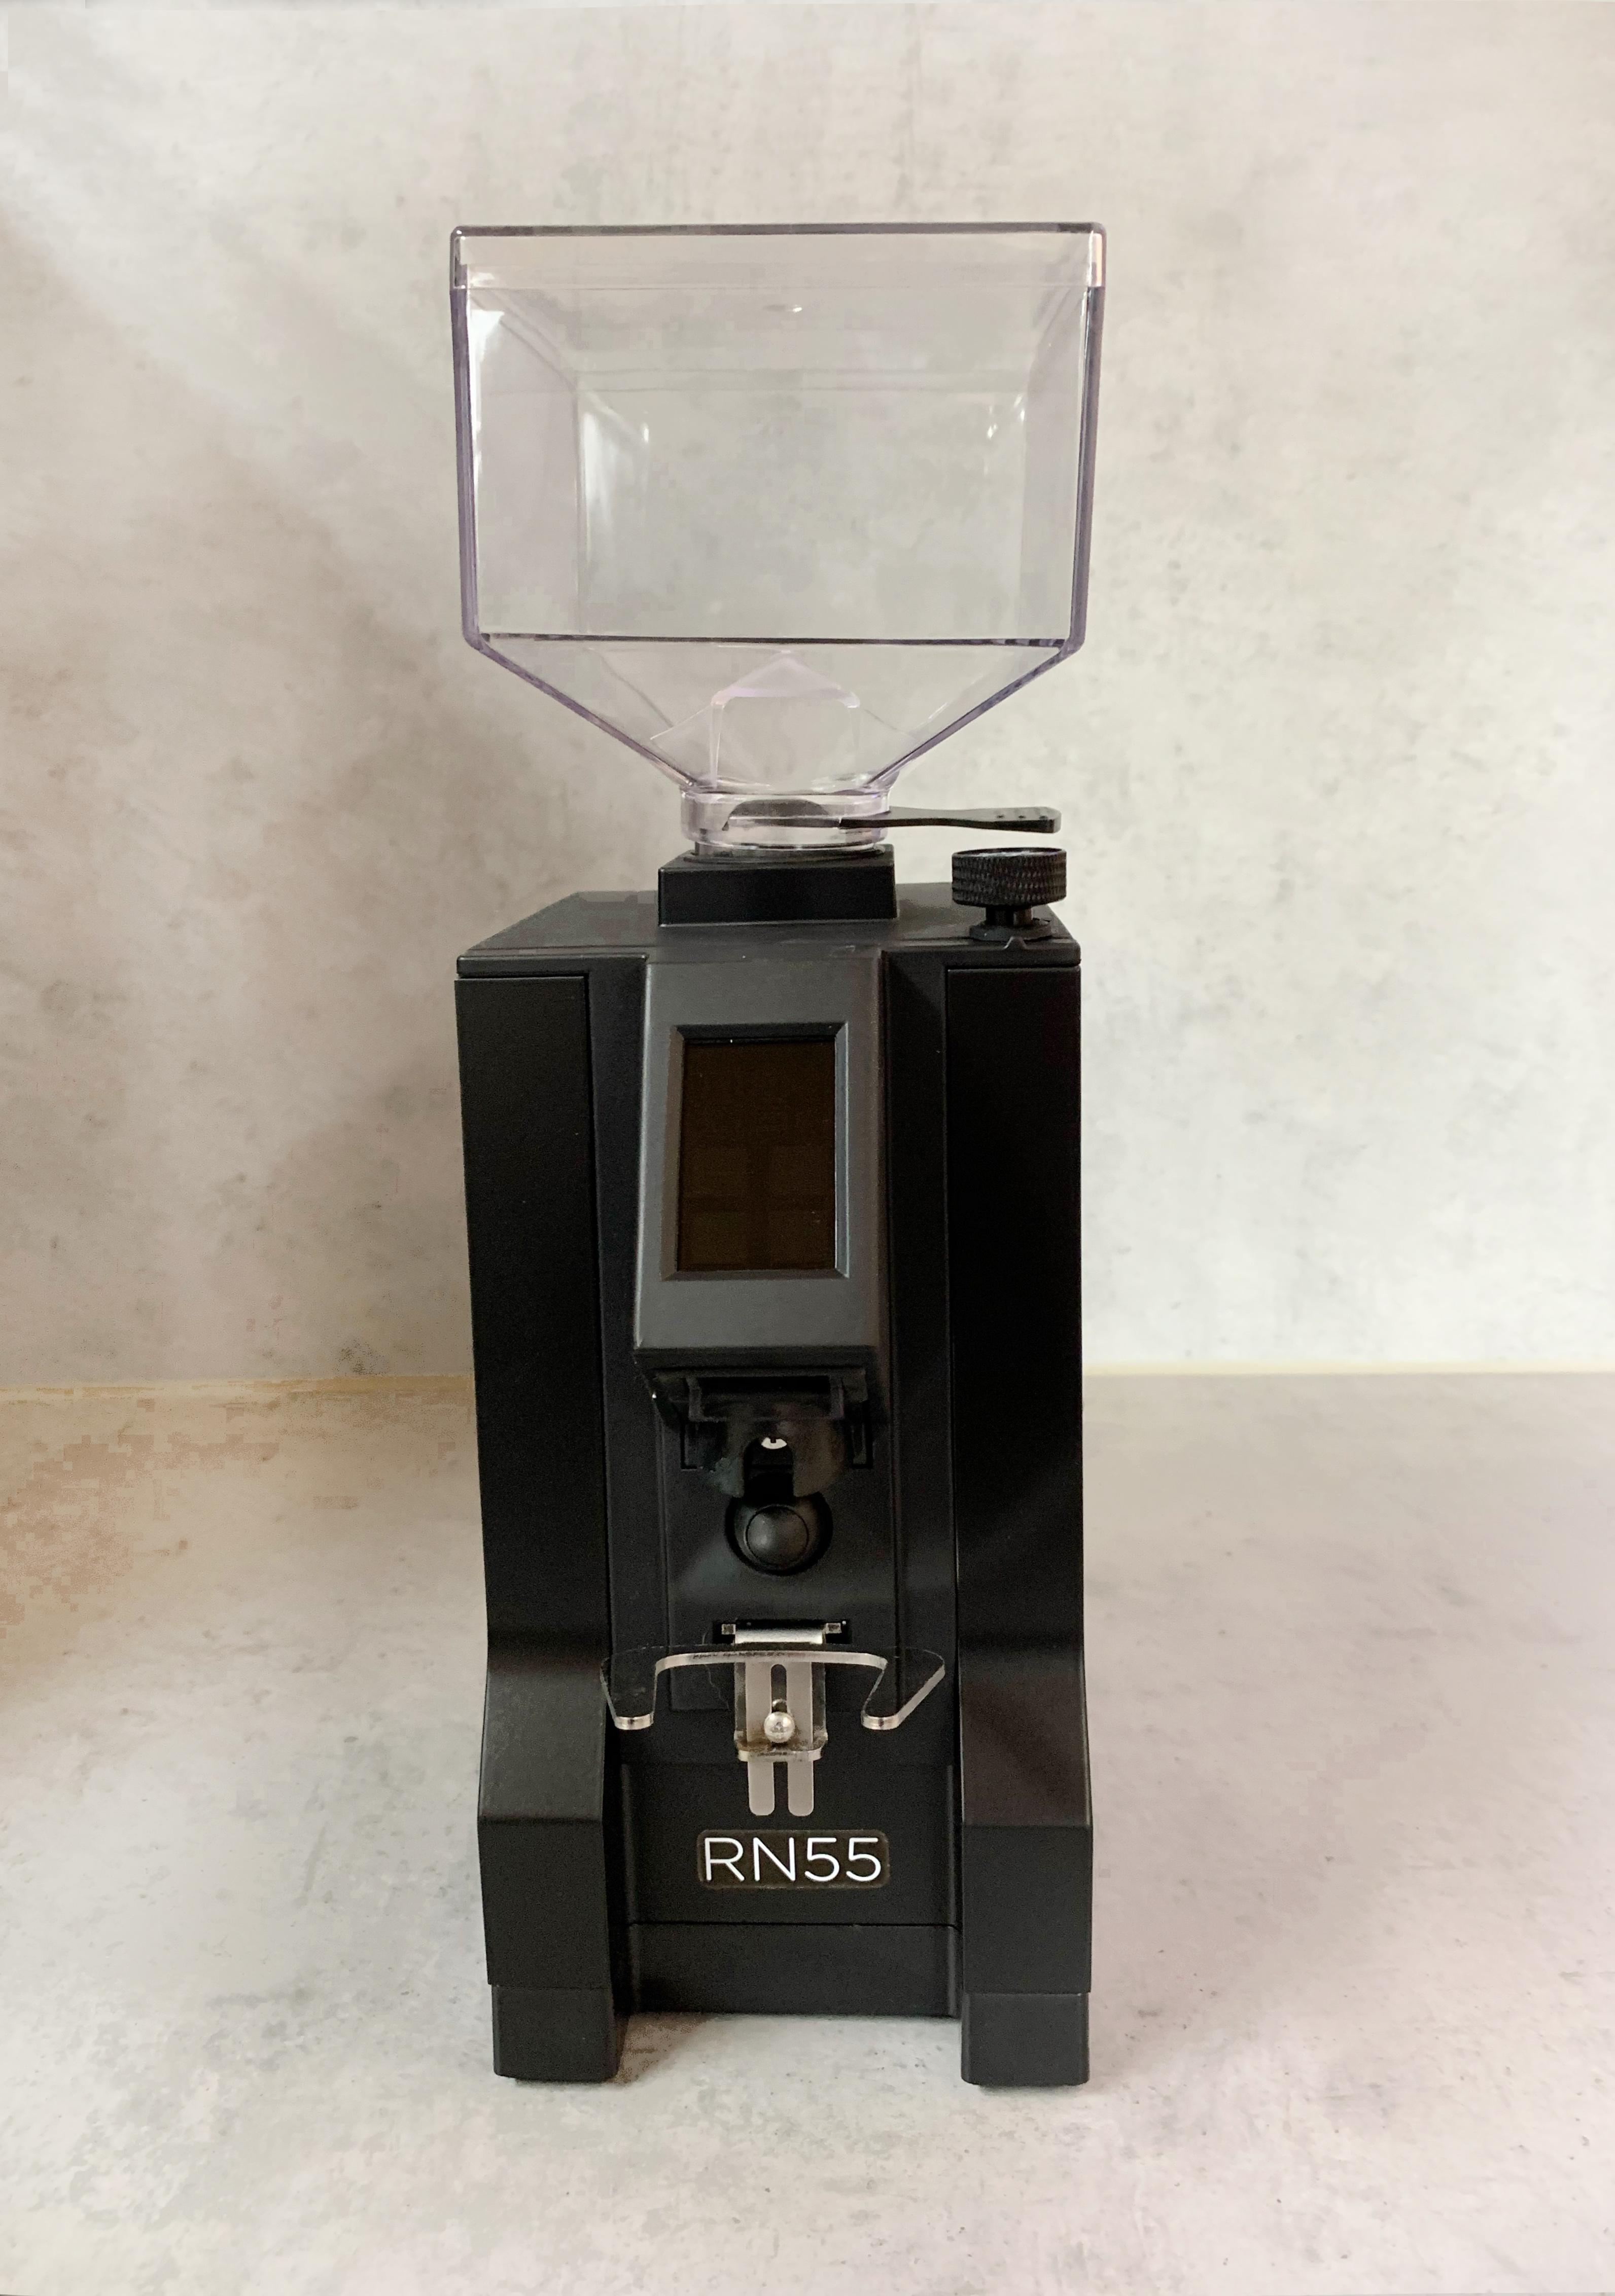 Dienes RN 55 Espressomühle (schwarz)